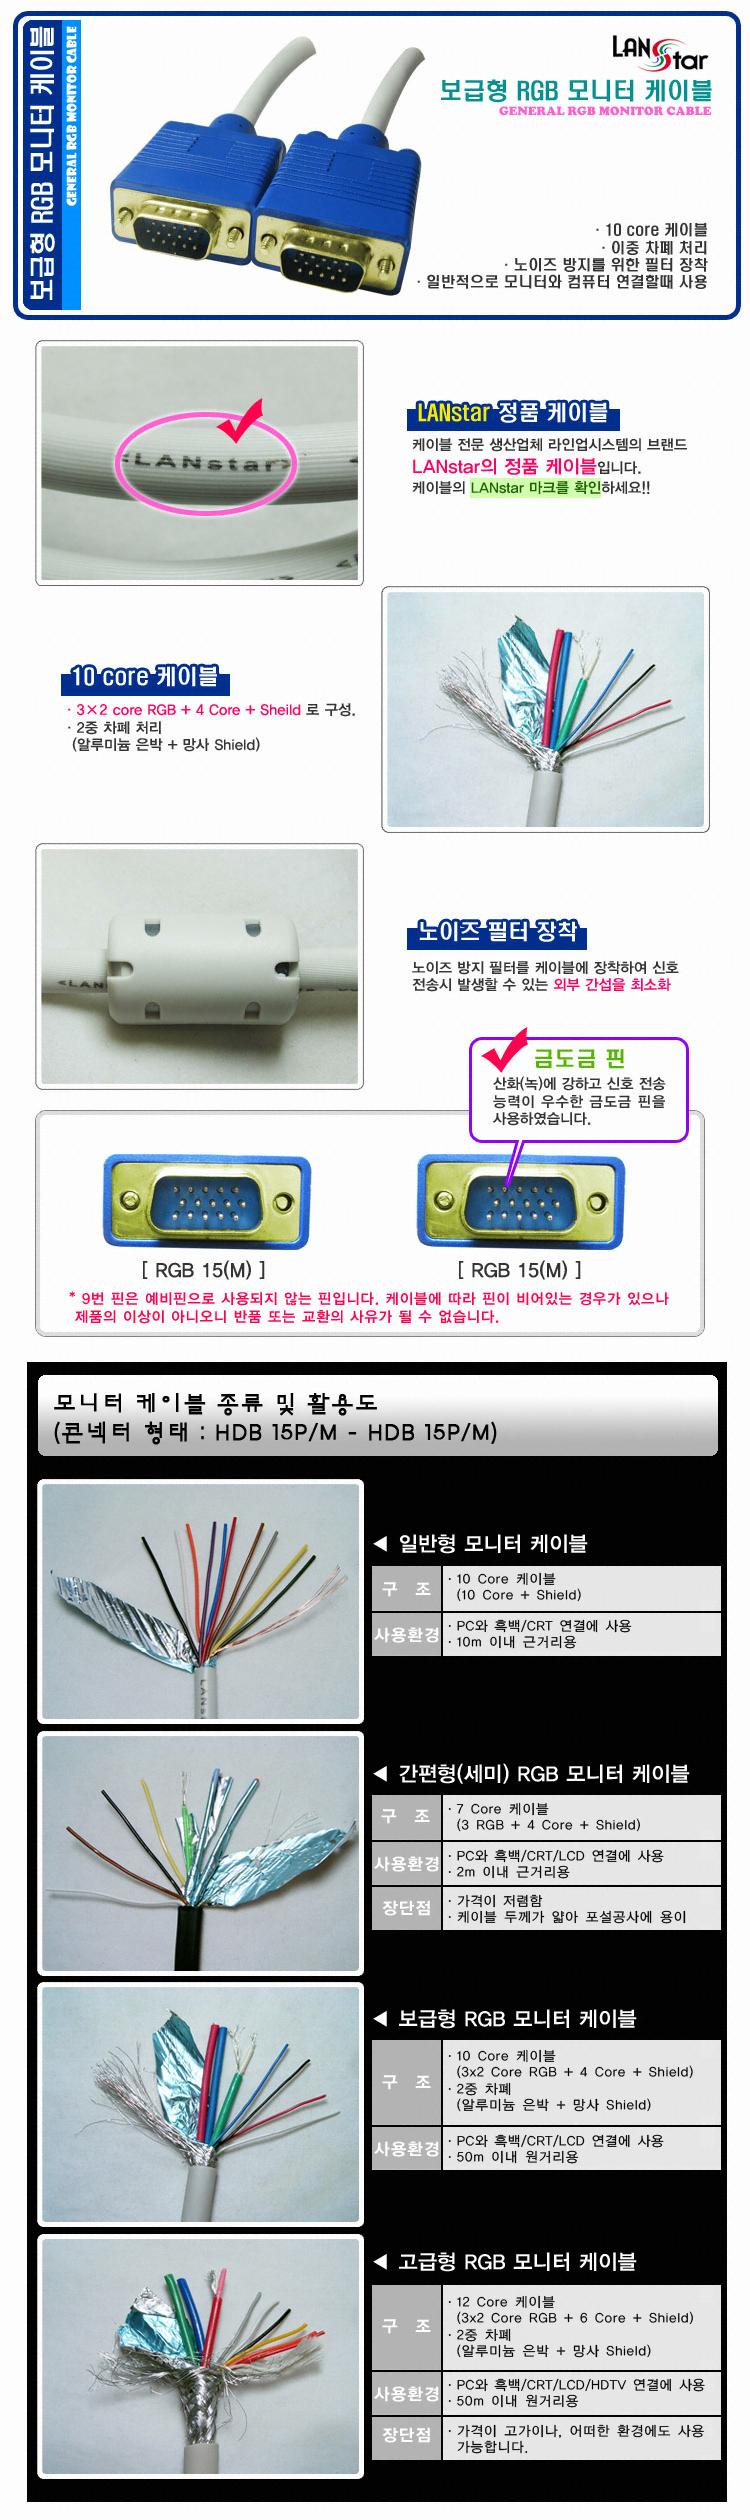 라인업시스템 LANSTAR 보급형 RGB 모니터 금장콘넥터 케이블 (LS-RGB-15MM, 20m)